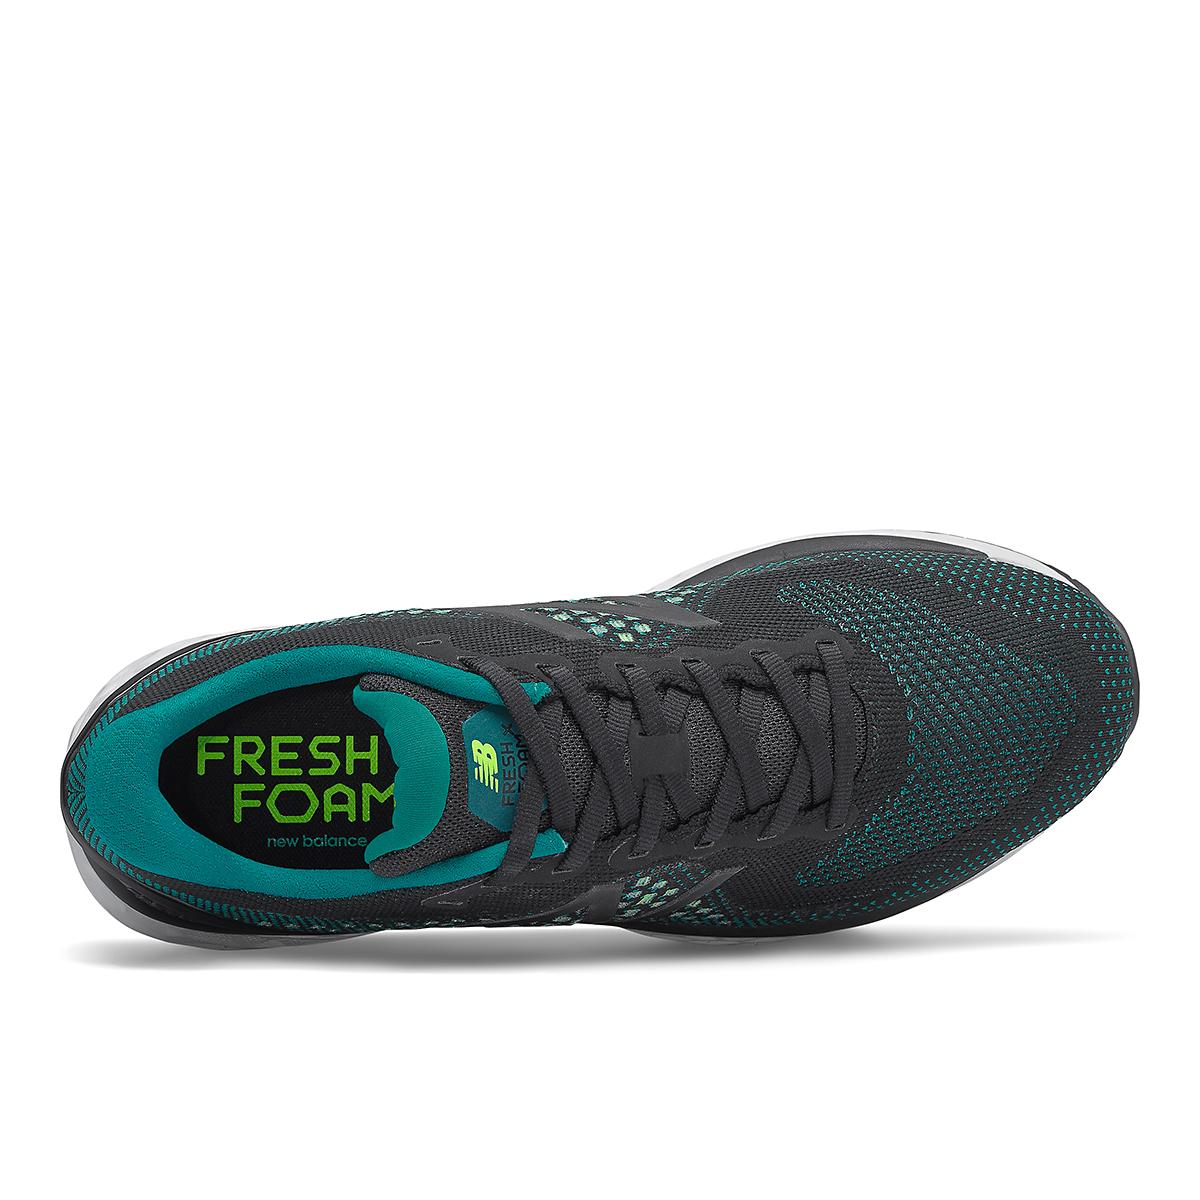 Men's New Balance 880V10 Running Shoe - Color: Black - Size: 7 - Width: Wide, Black, large, image 3